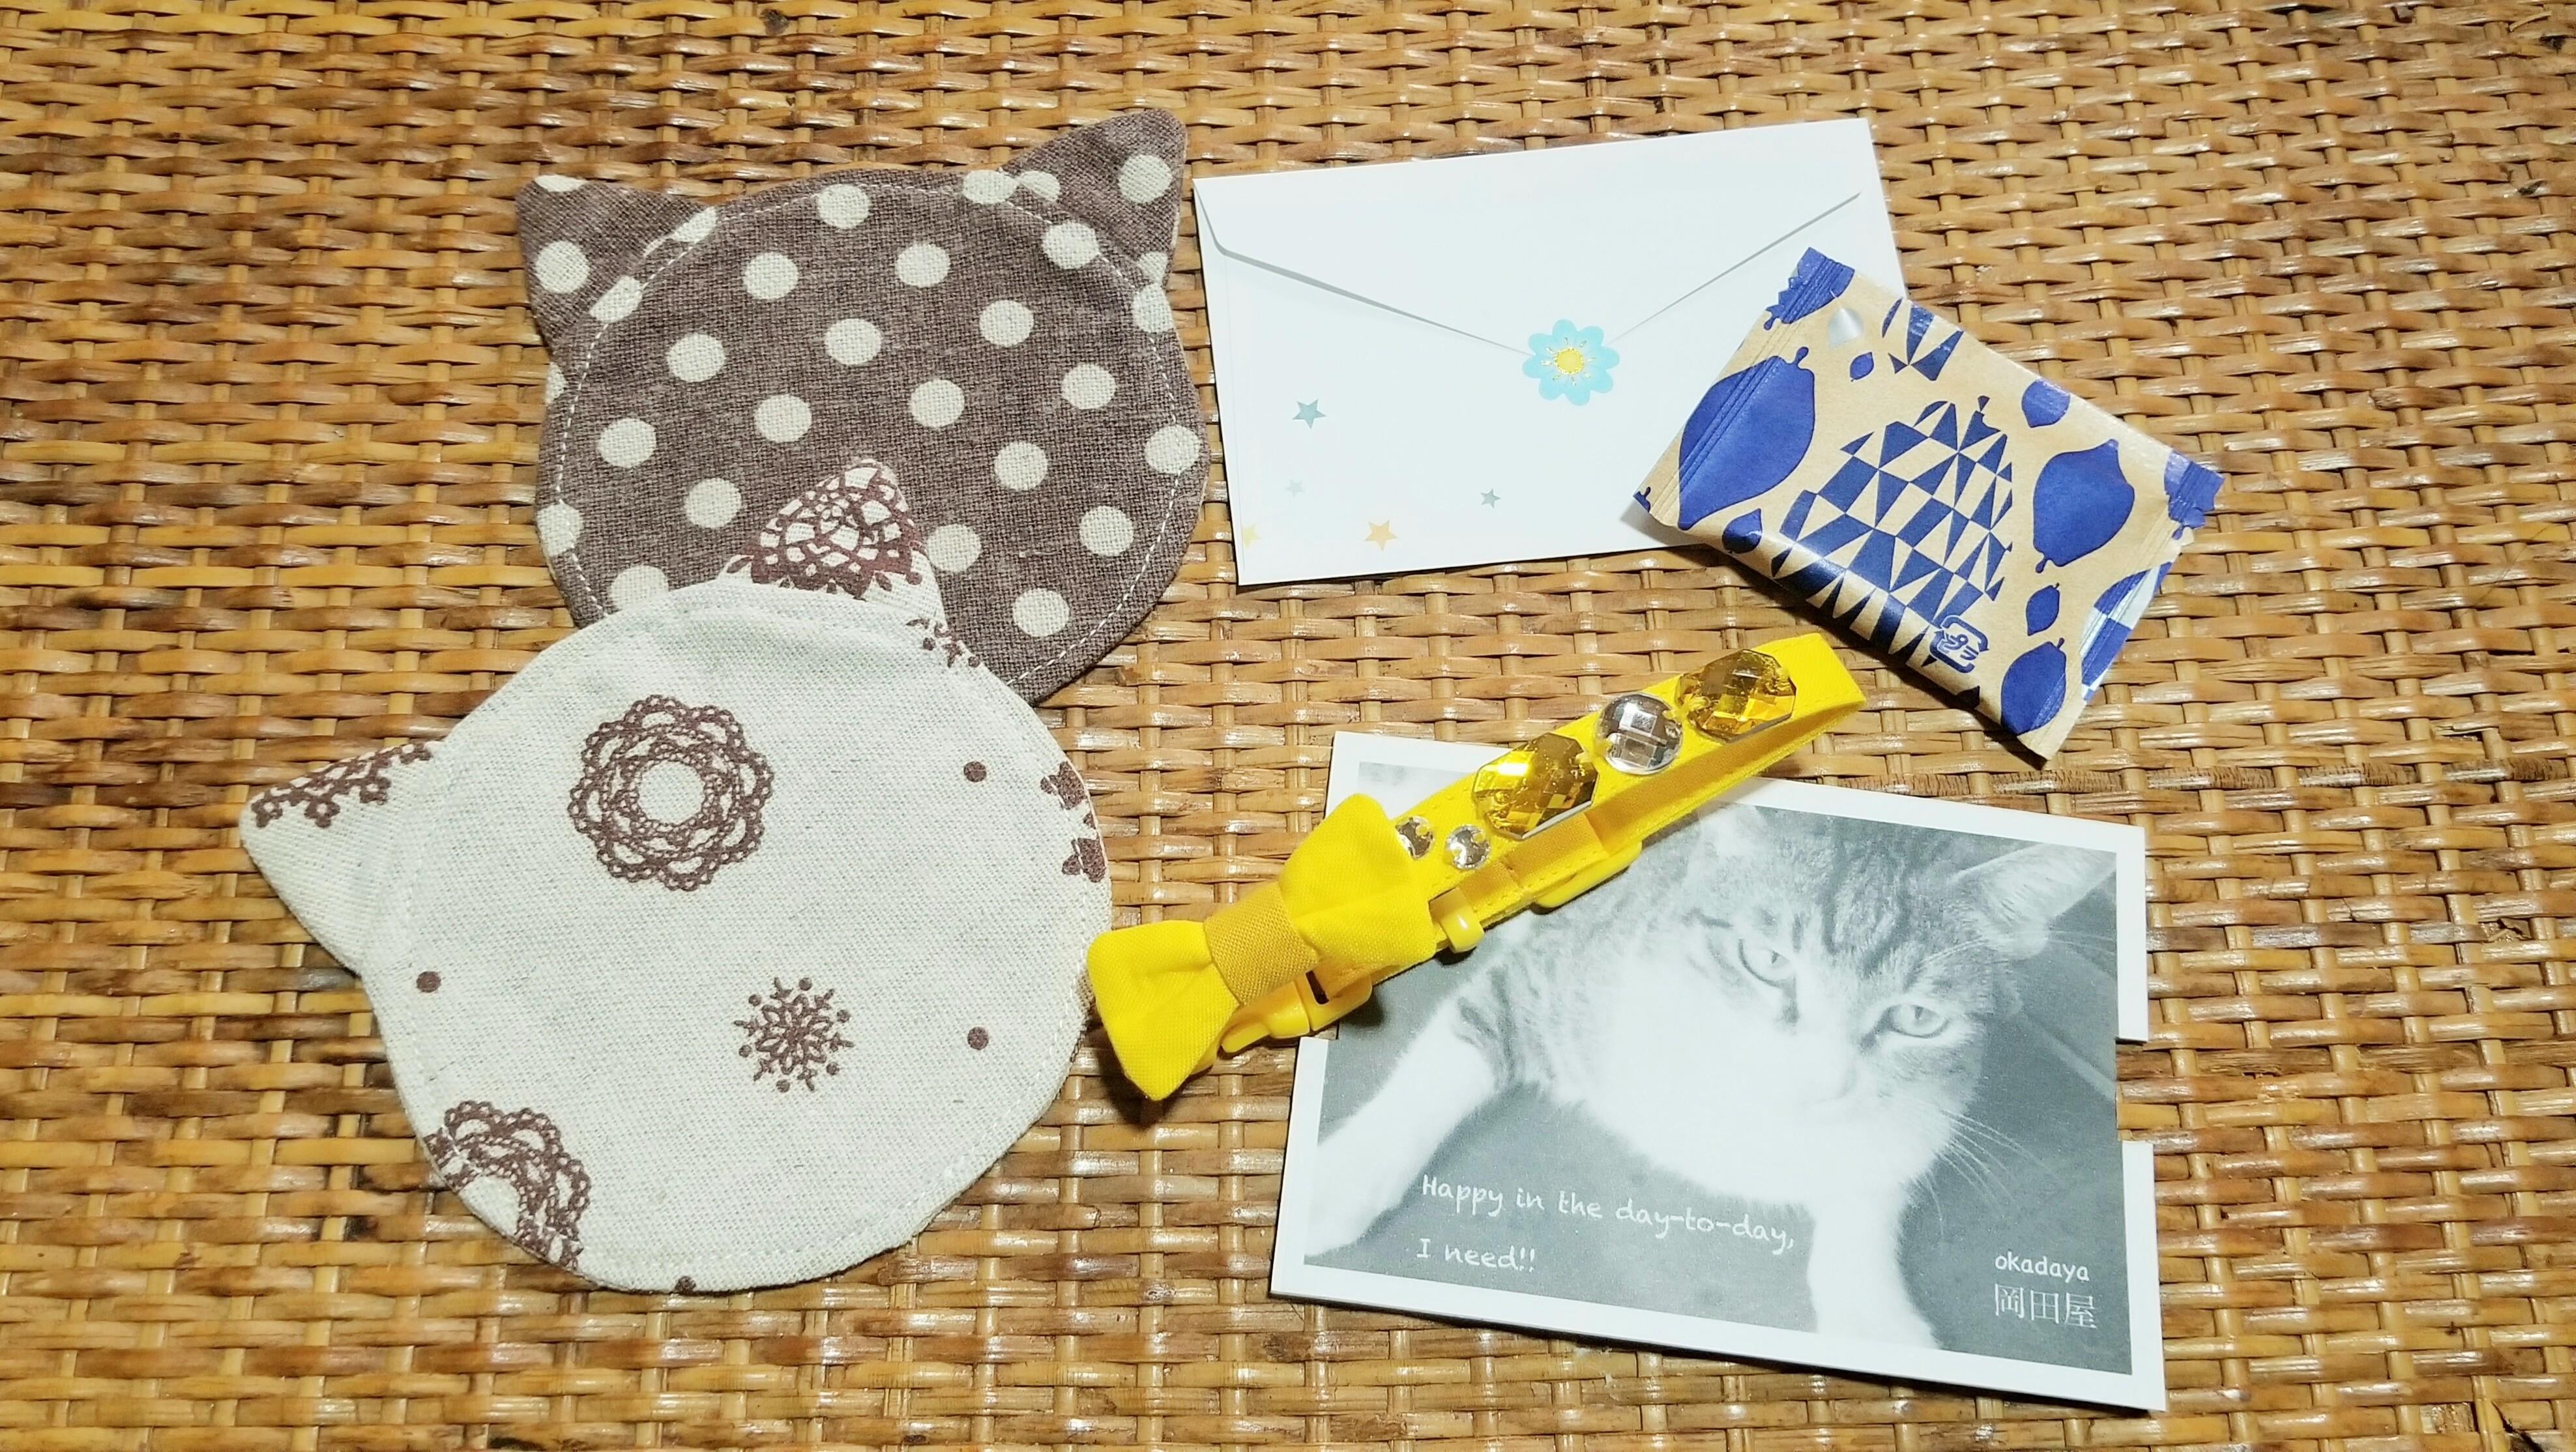 かわいい猫用アイテム手作りハンドメイド小物プレゼント企画当選